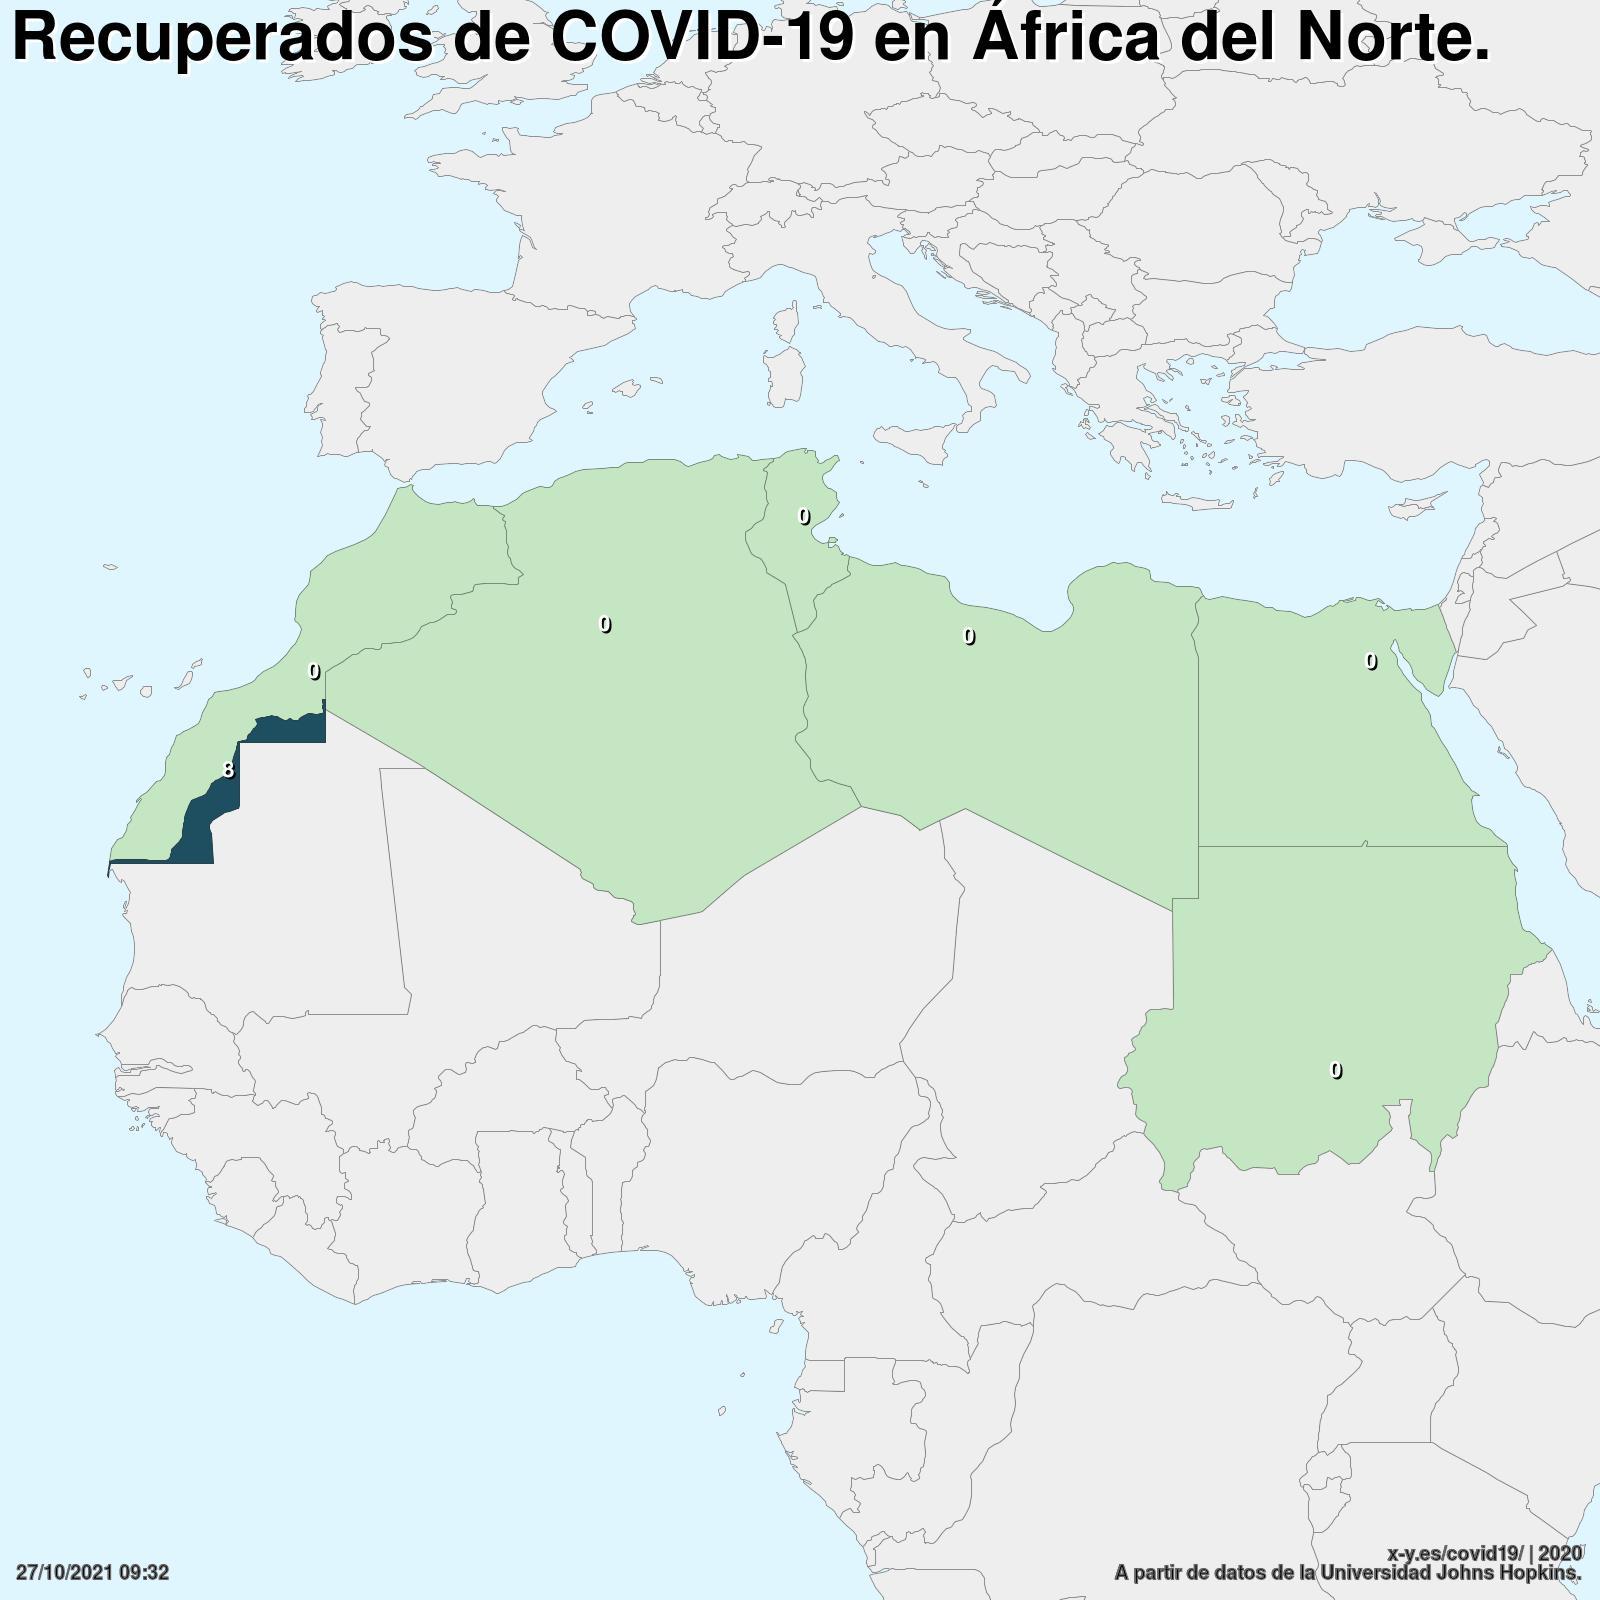 Mapa Africa Del Norte.Covid 19 En Africa Del Norte 436 497 Casos En 7 Paises A Dia 19 10 2020